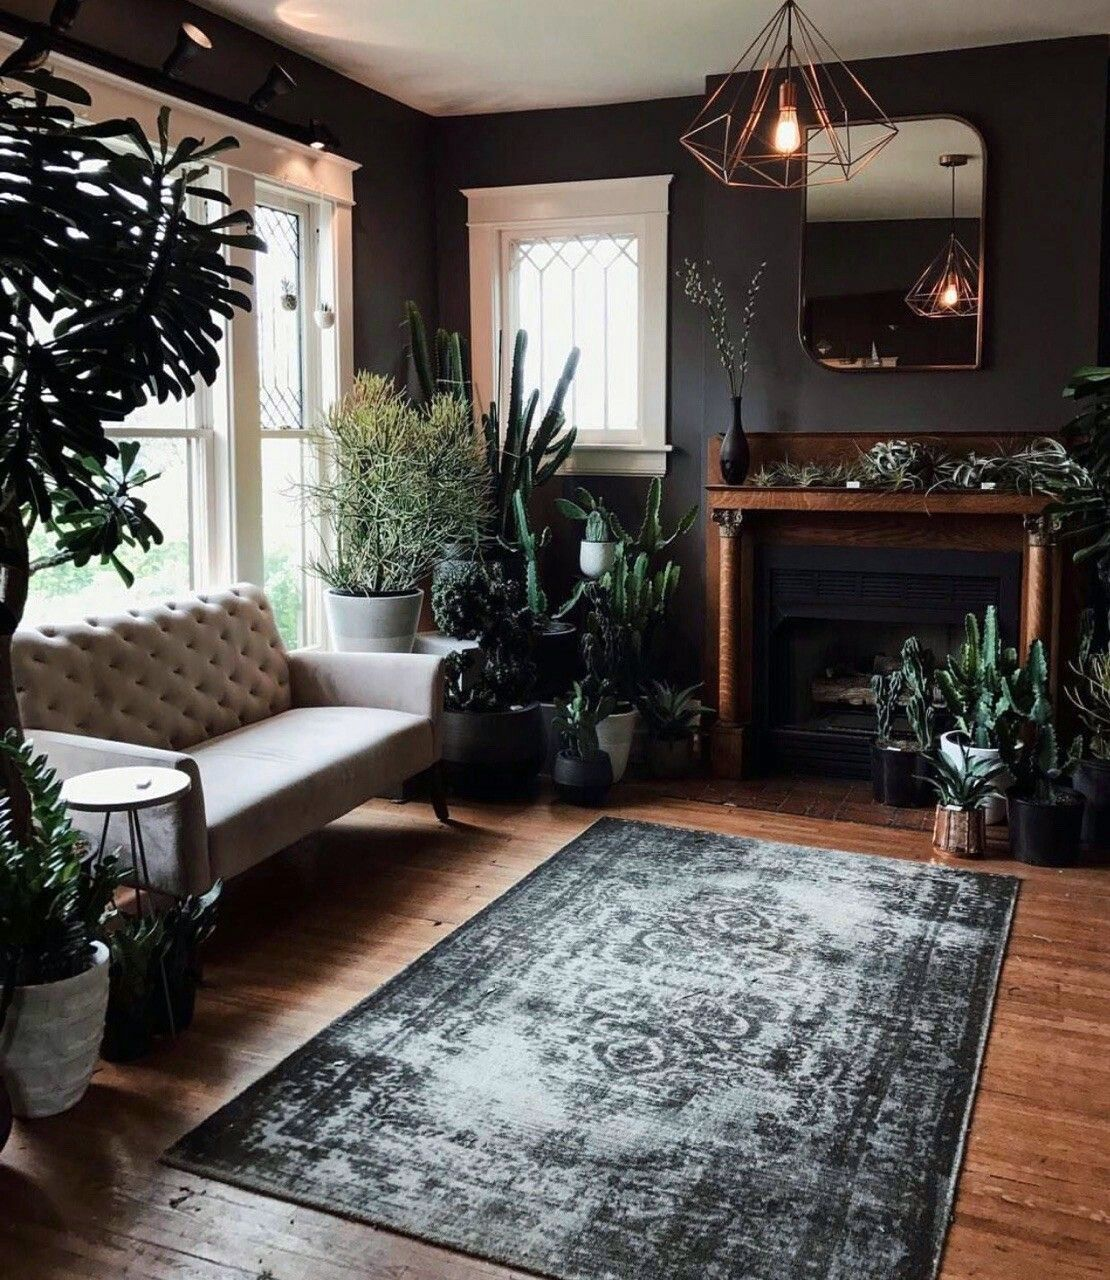 living room, wooden floor, black wall, wooden framed fireplace, white sofa, plants, golden framed pendants